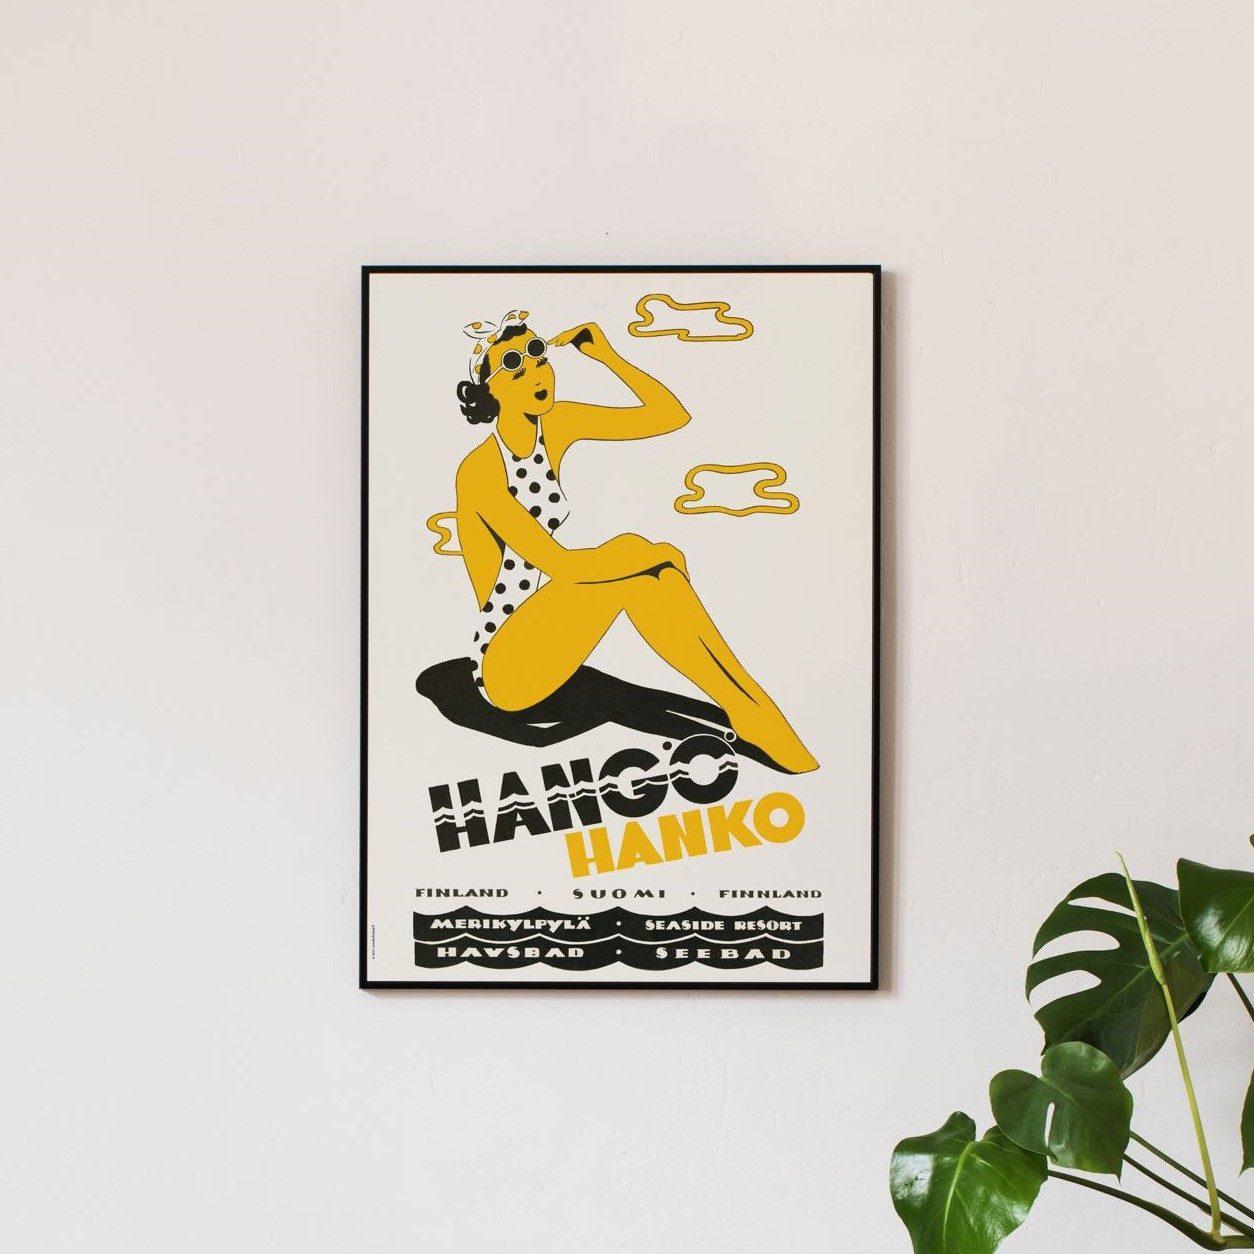 Hangö-damen affisch 59x99 cm